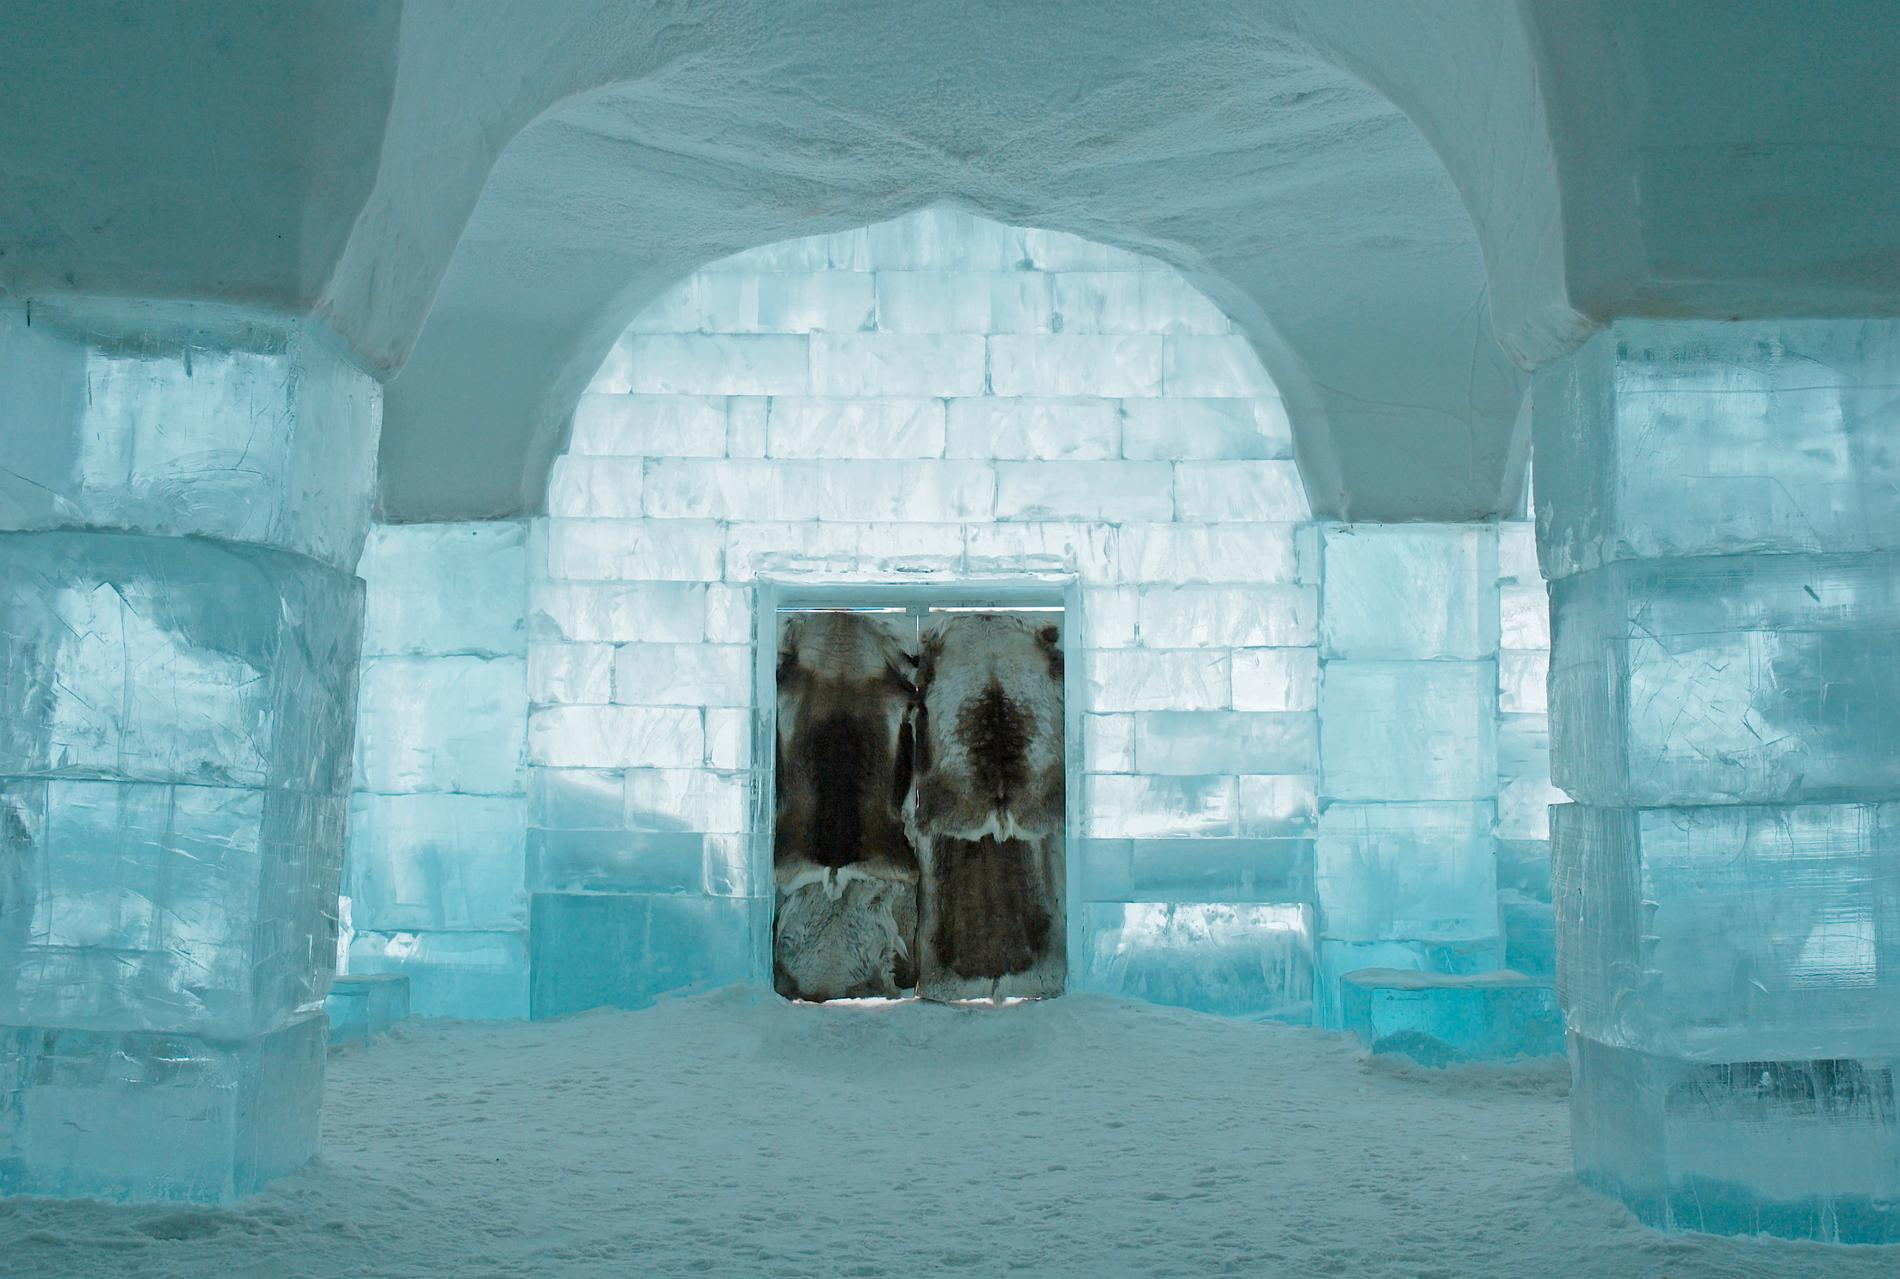 Icehotel i Jukkasjärvi är världens första ishotell.